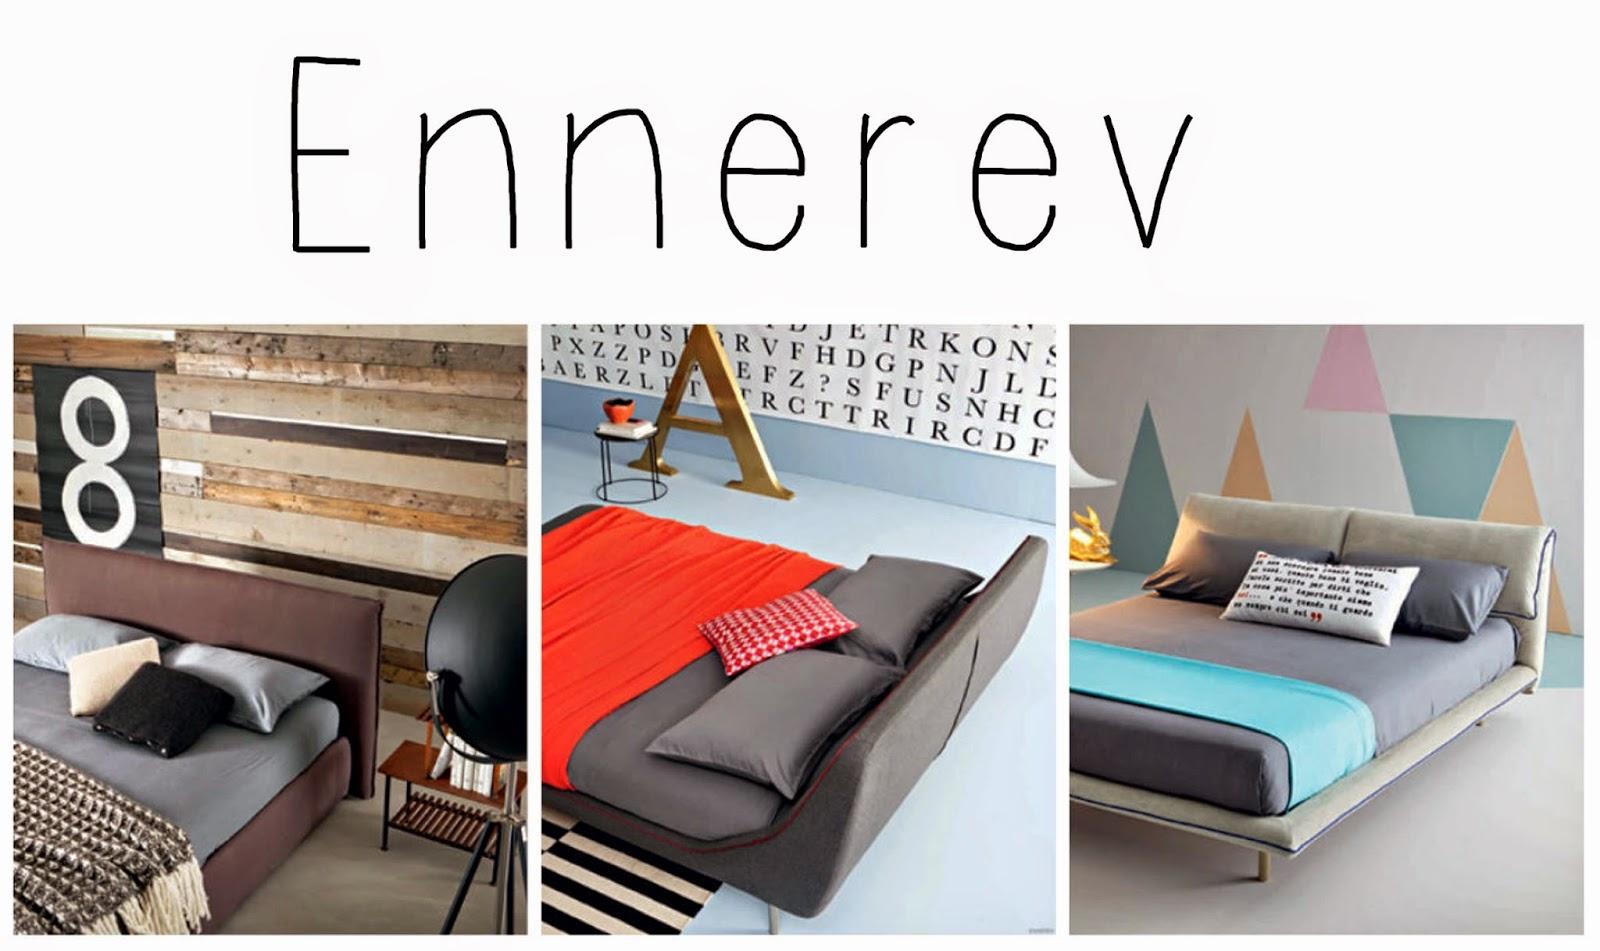 Ennerev letti di design seriamente tazzinosi la tazzina blu for Letti di designer